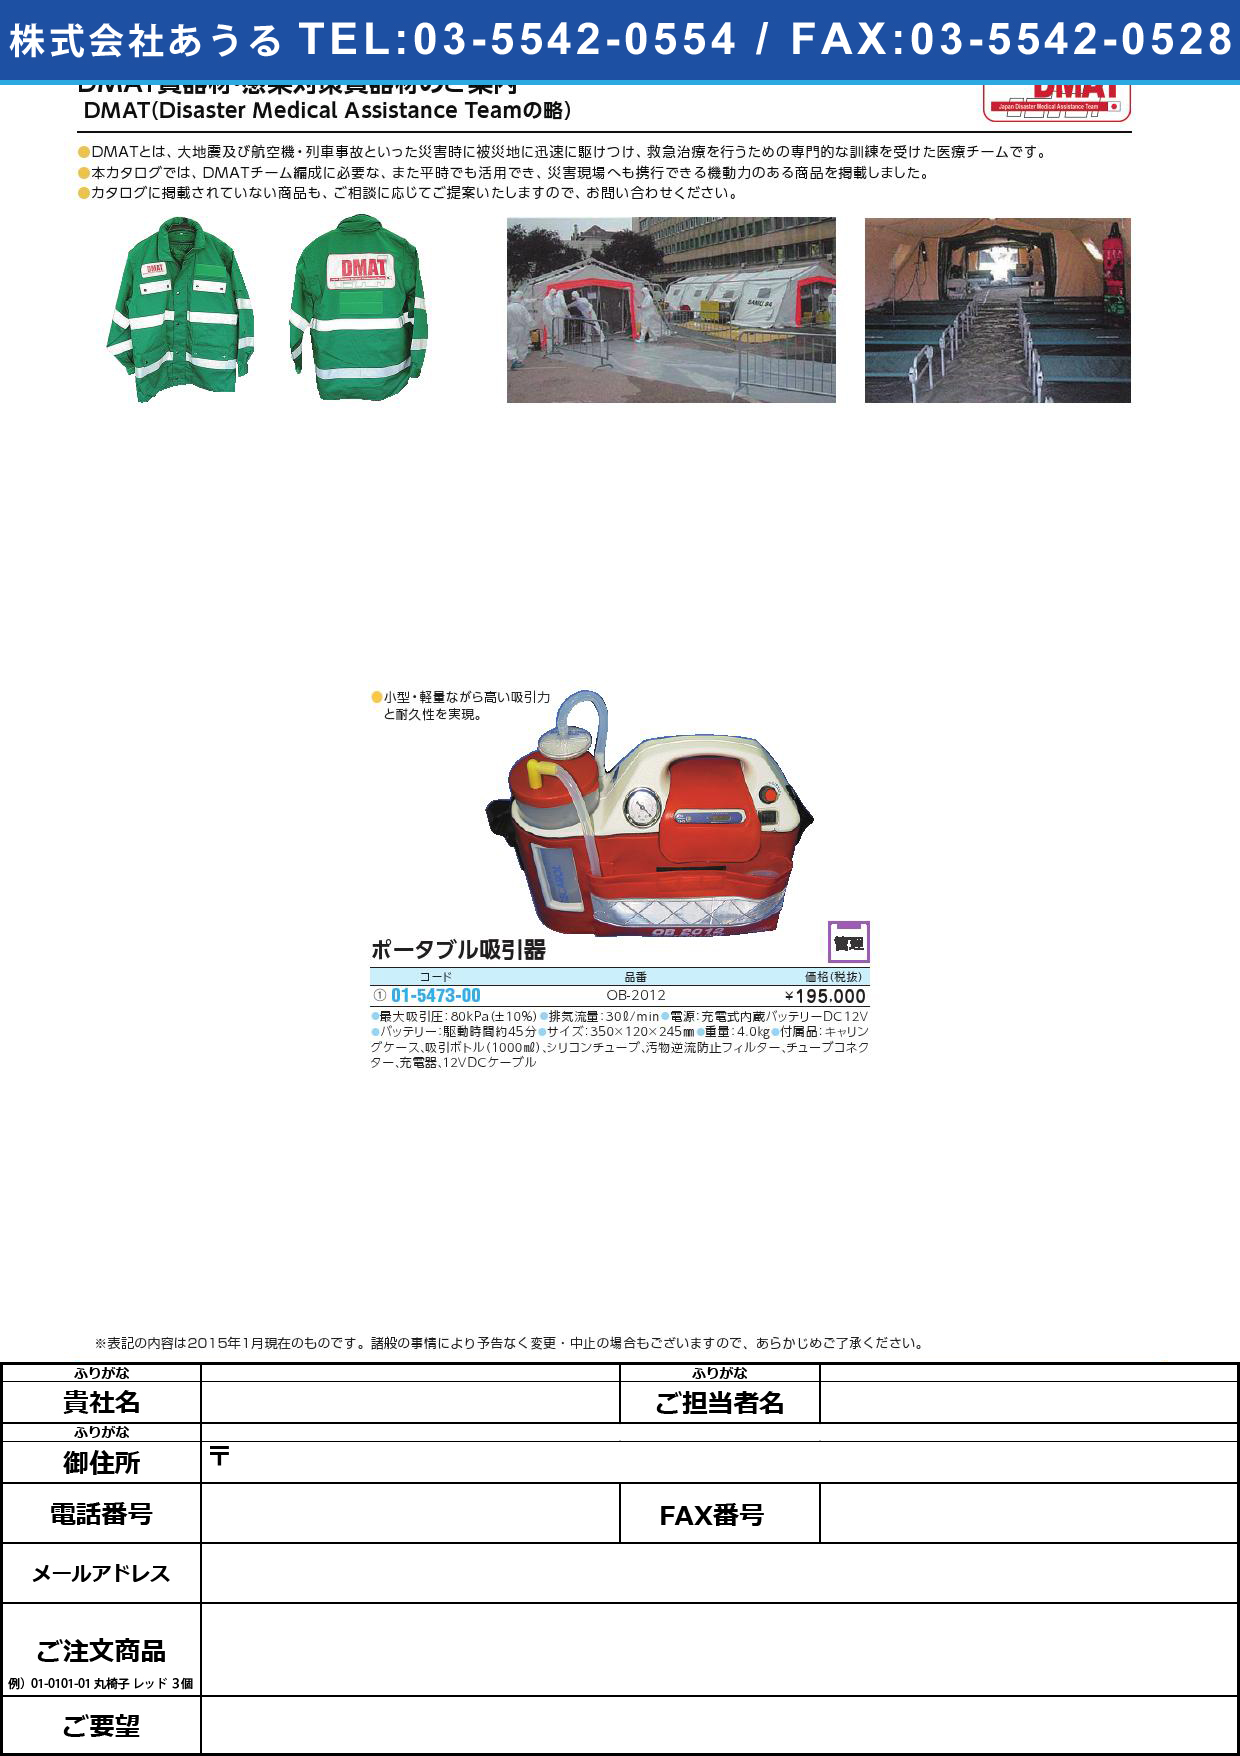 (01-5473-00)小型吸引器 コガタキュウインキ(01-5473-00)OB-2012【1台単位】【2015年カタログ商品】